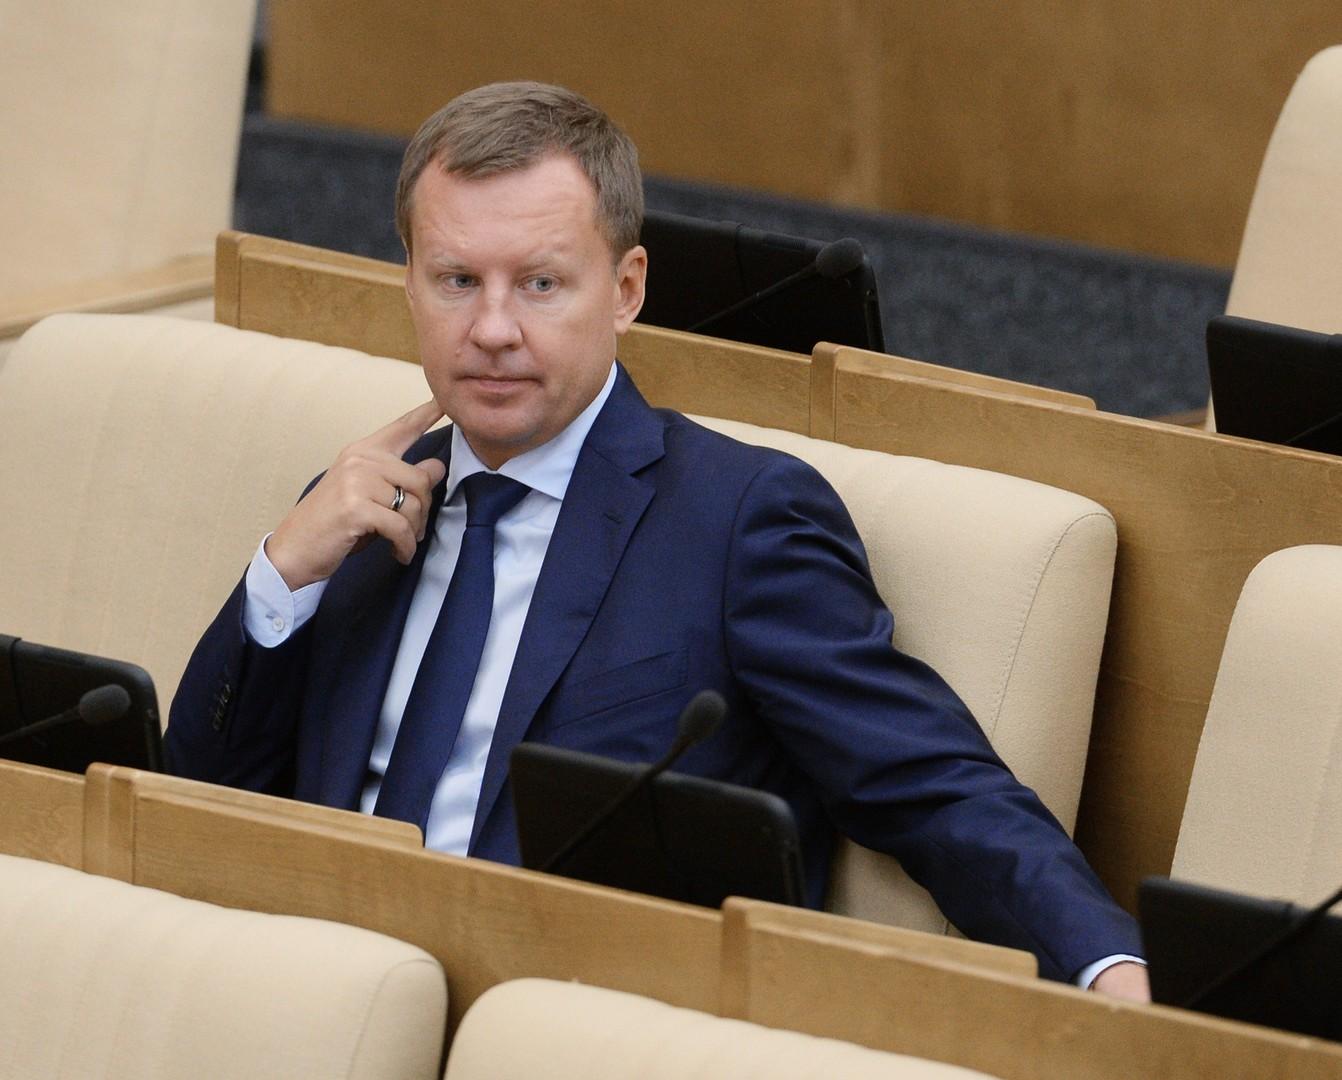 Denis Woronenkow, ehemaliger Duma-Abgeordneter. Er starb am 23. März 2017. Woronenkow wurde in der Innenstadt Kiews nahe des Hotels Premier Palace erschossen.